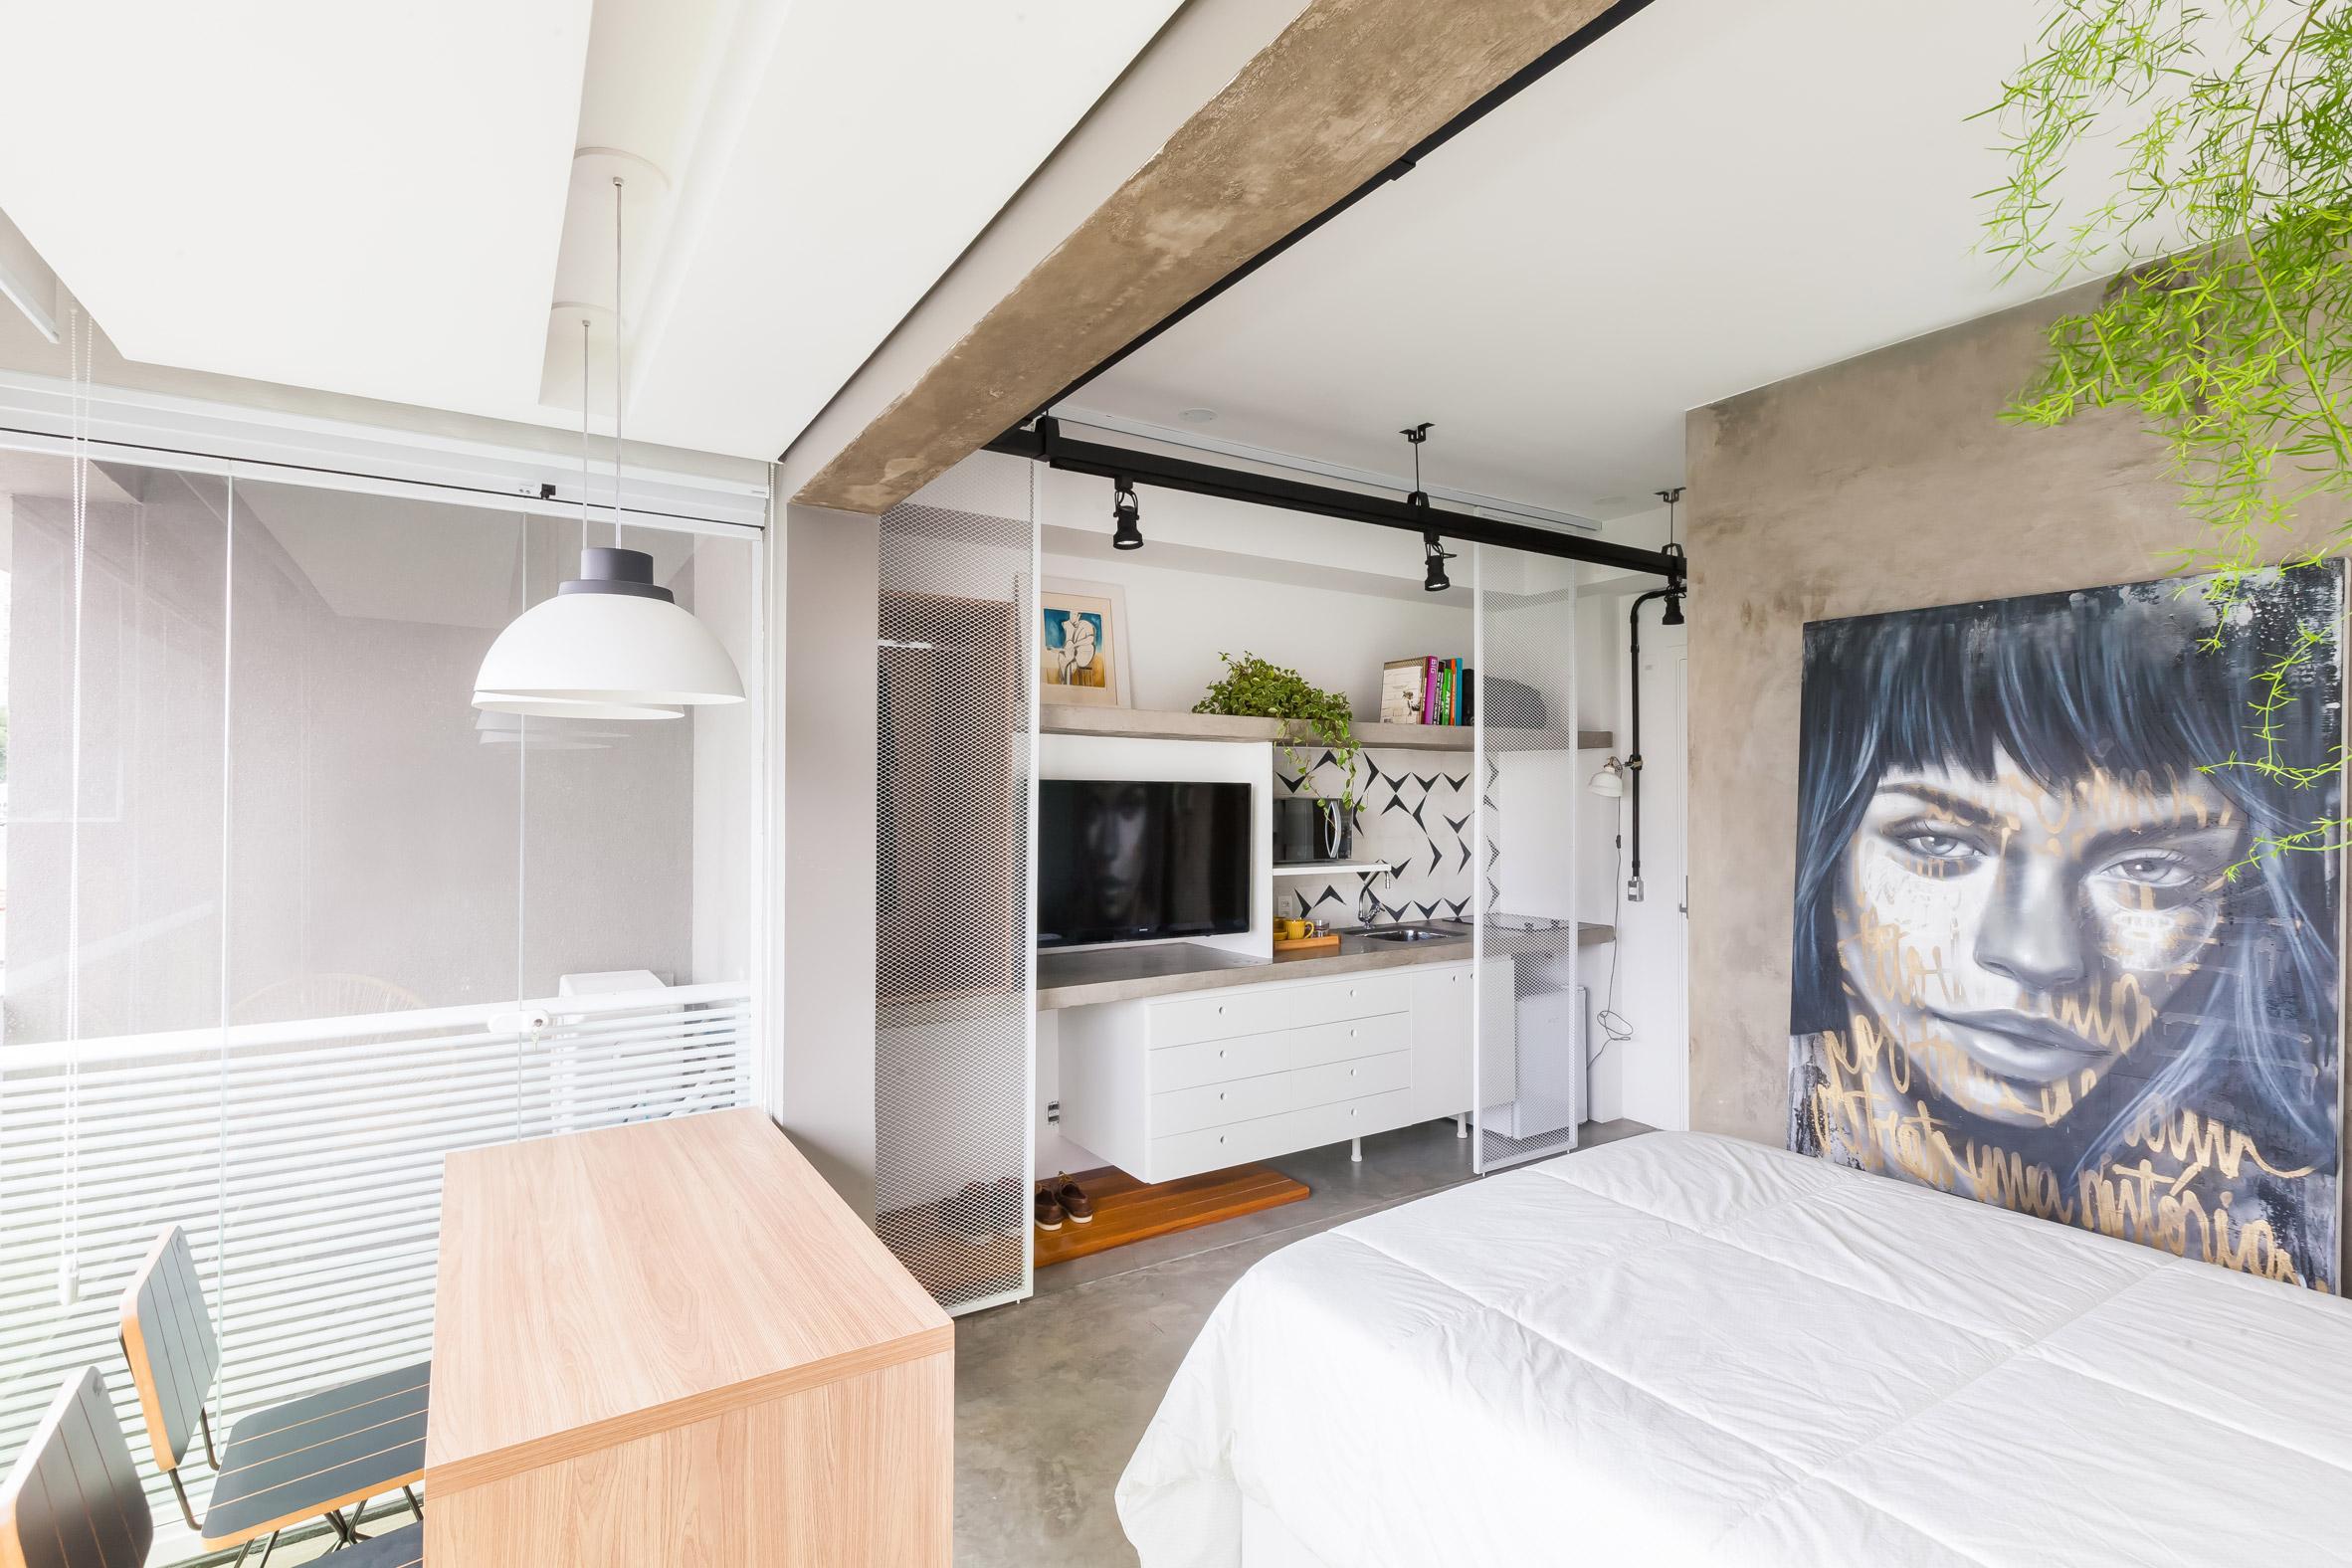 Thiết kế nội thất chung cư diện tích nhỏ 2